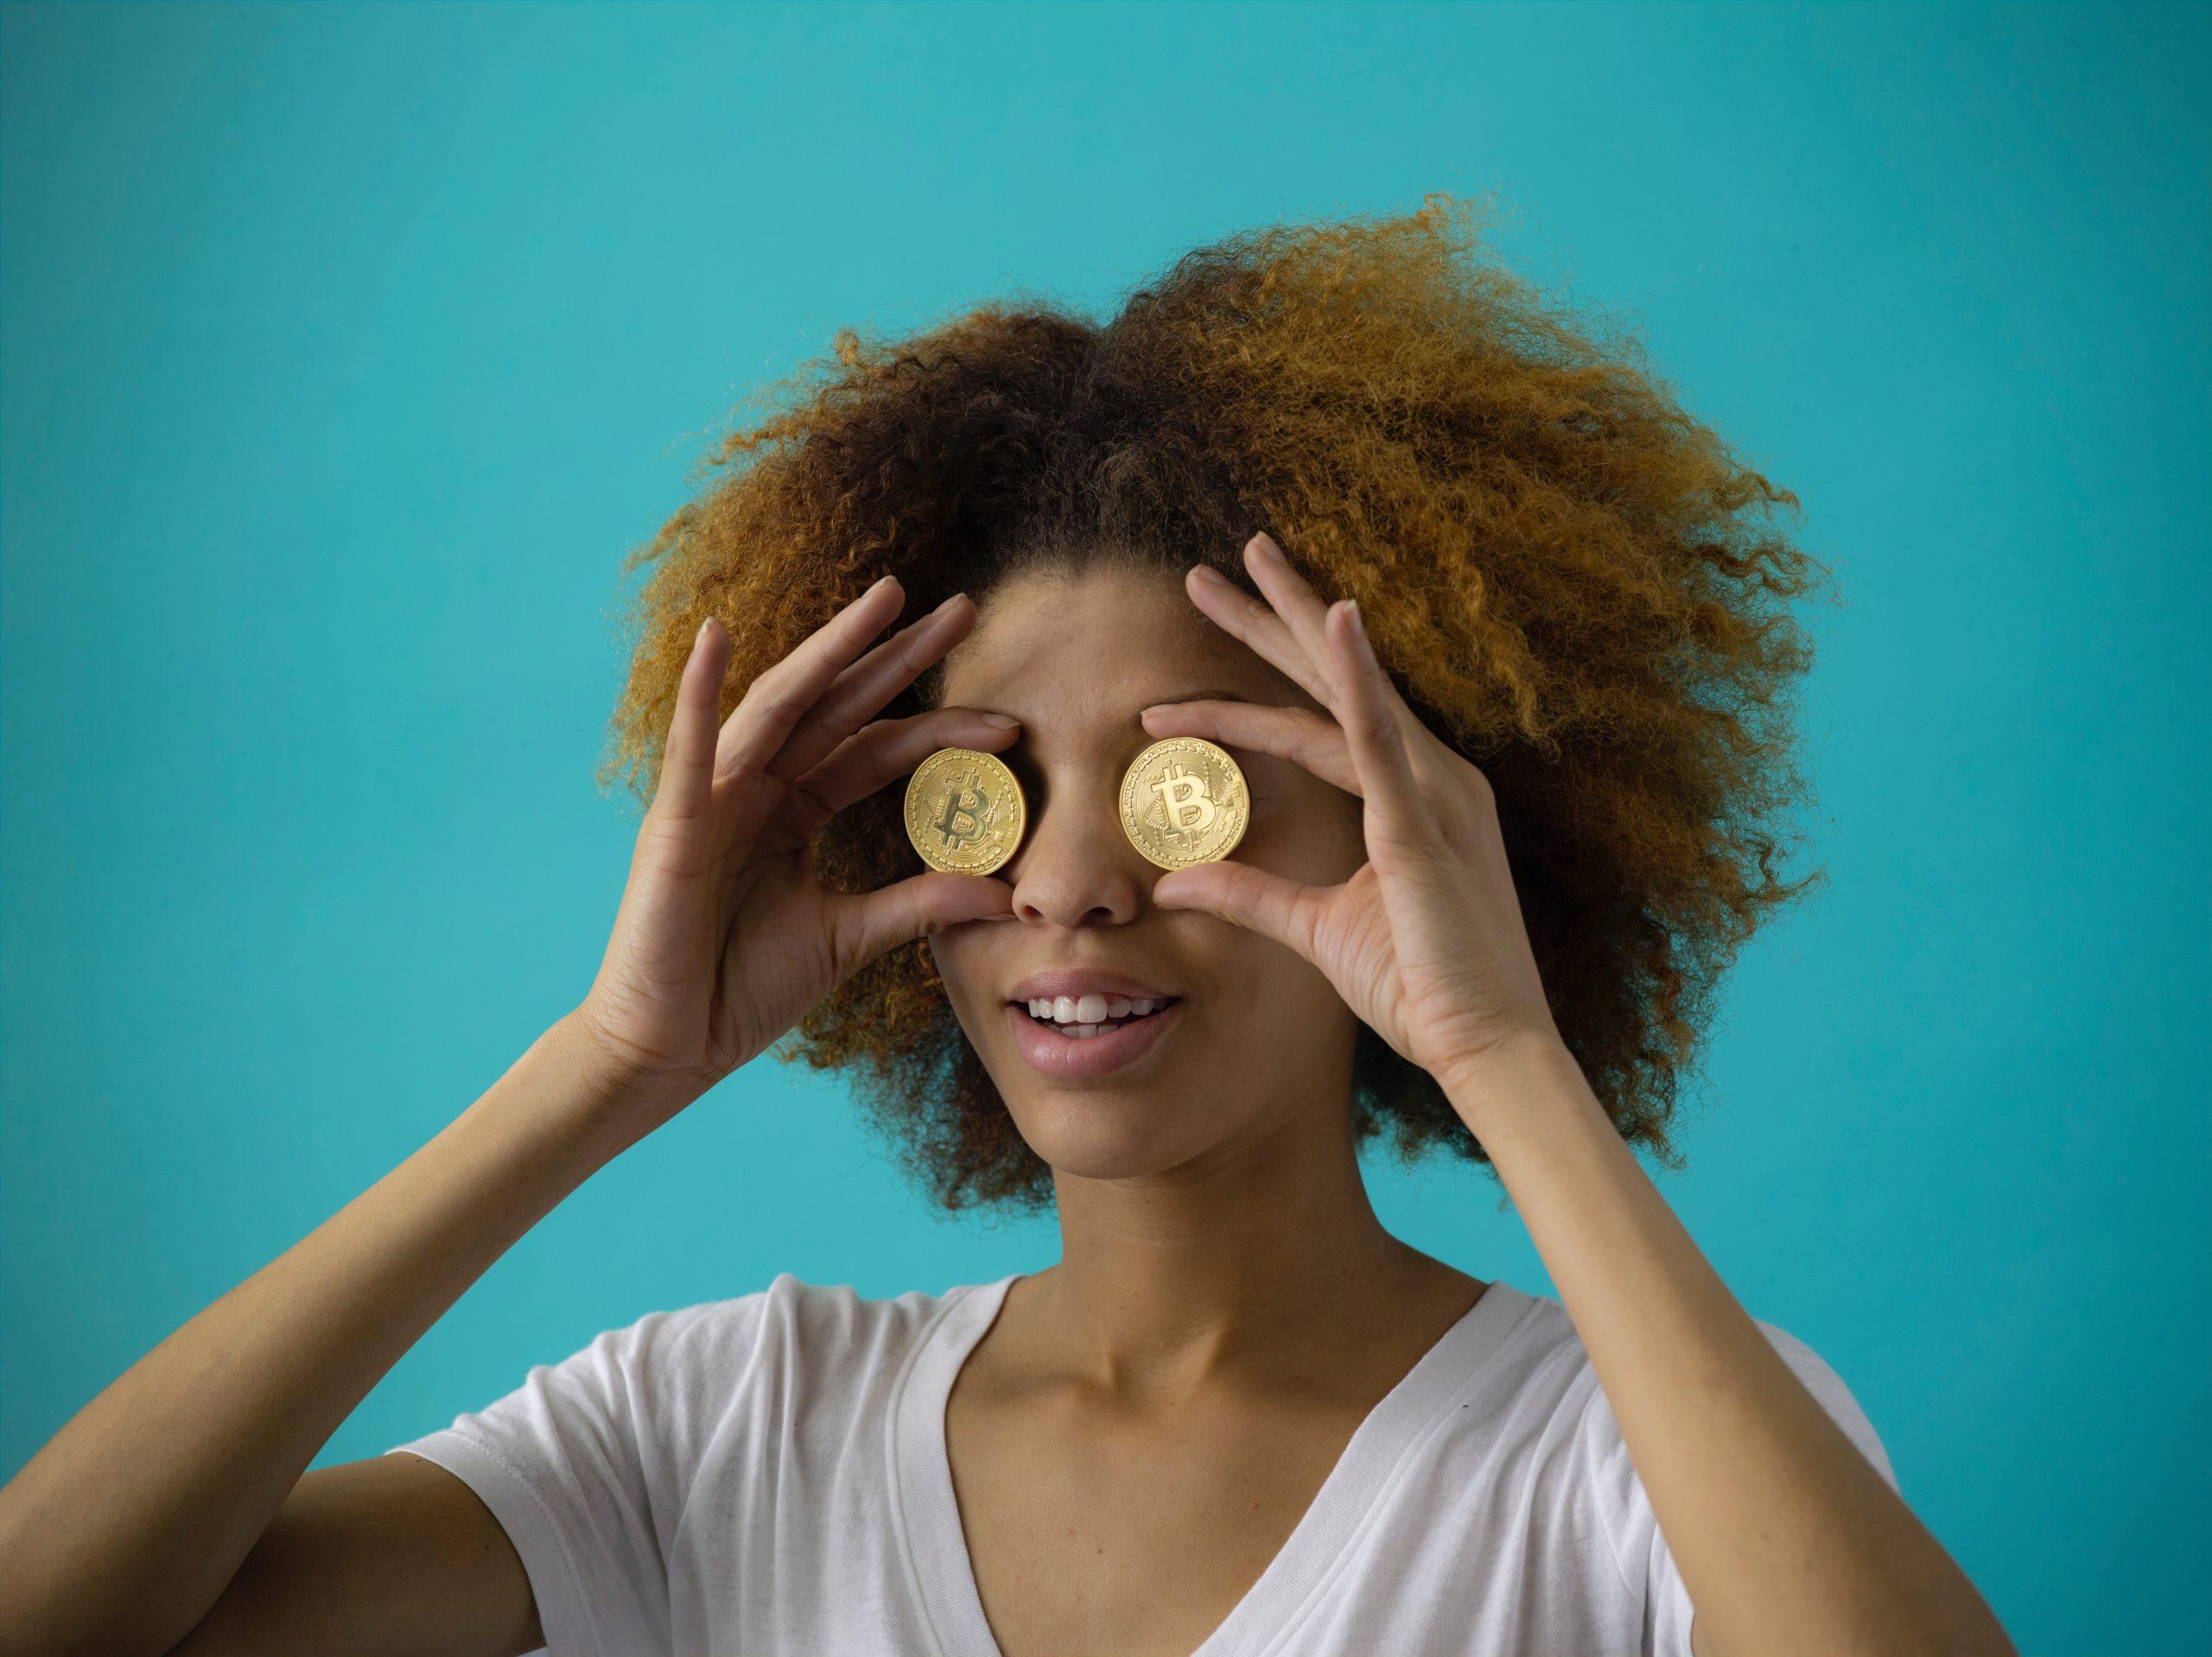 女性が硬貨を目にあてている